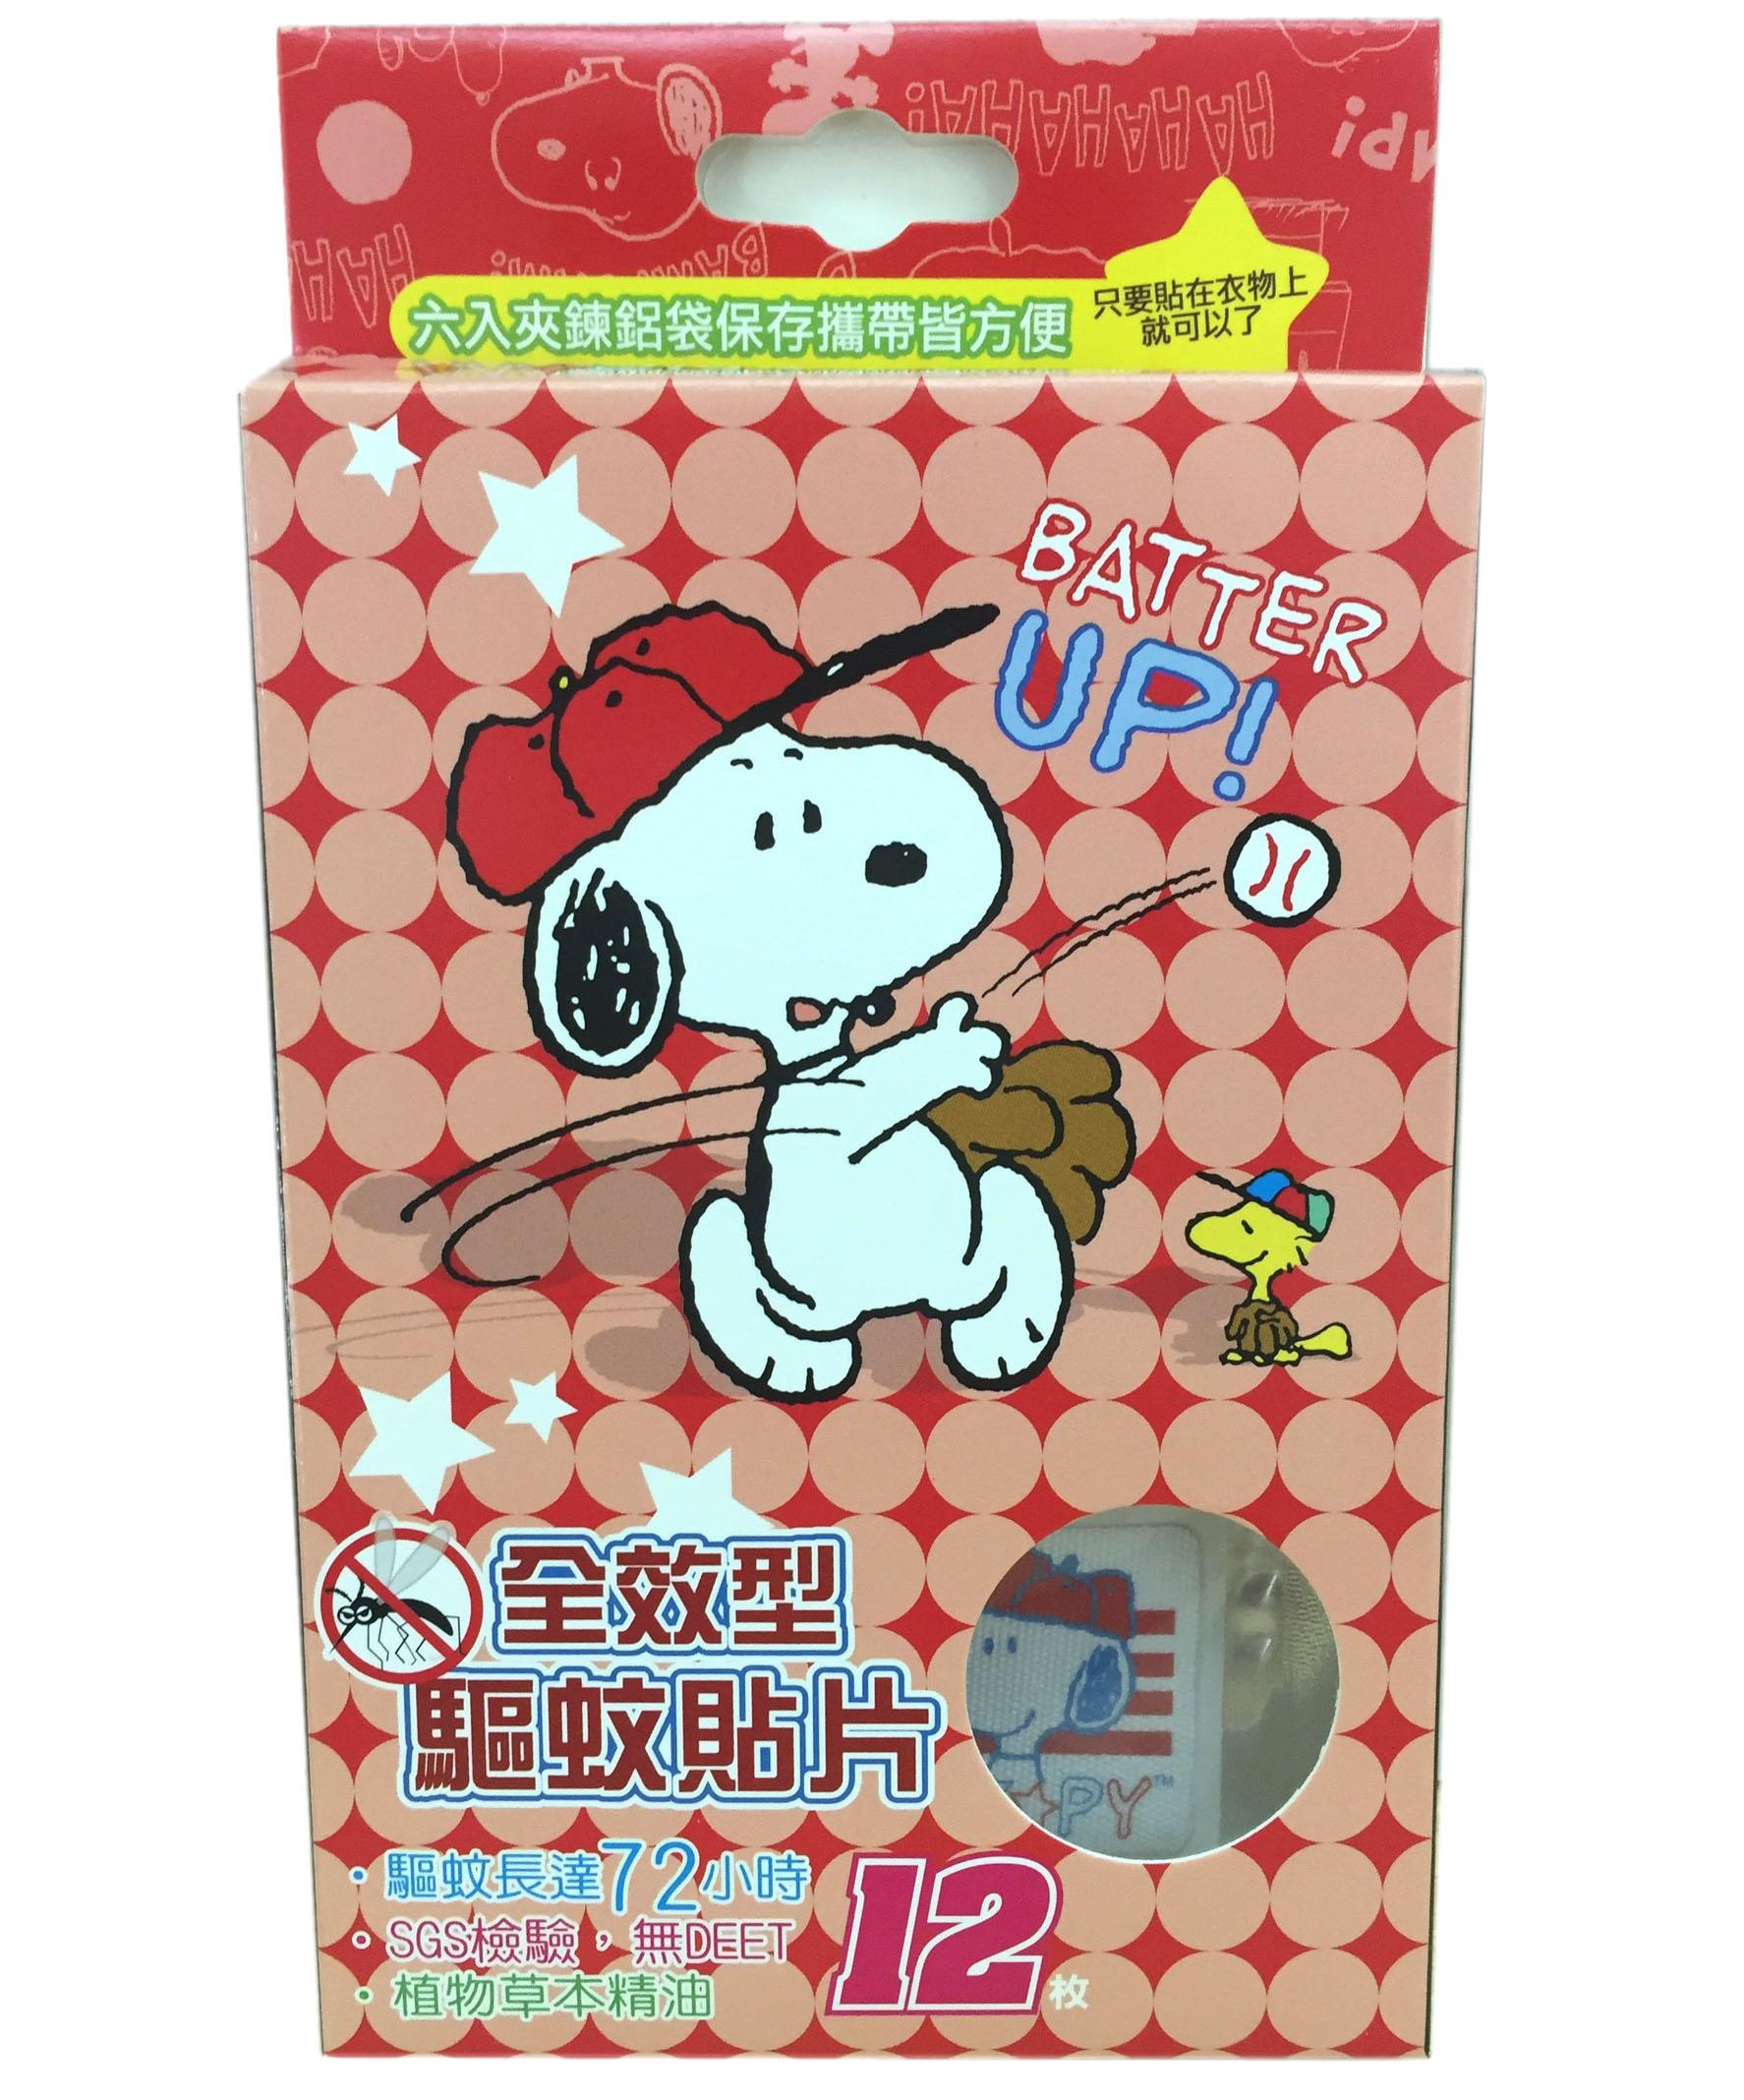 【真愛日本】16070900026驅蚊貼片-SN棒球紅     史努比 SNOOPY 外出用品 正品 限量